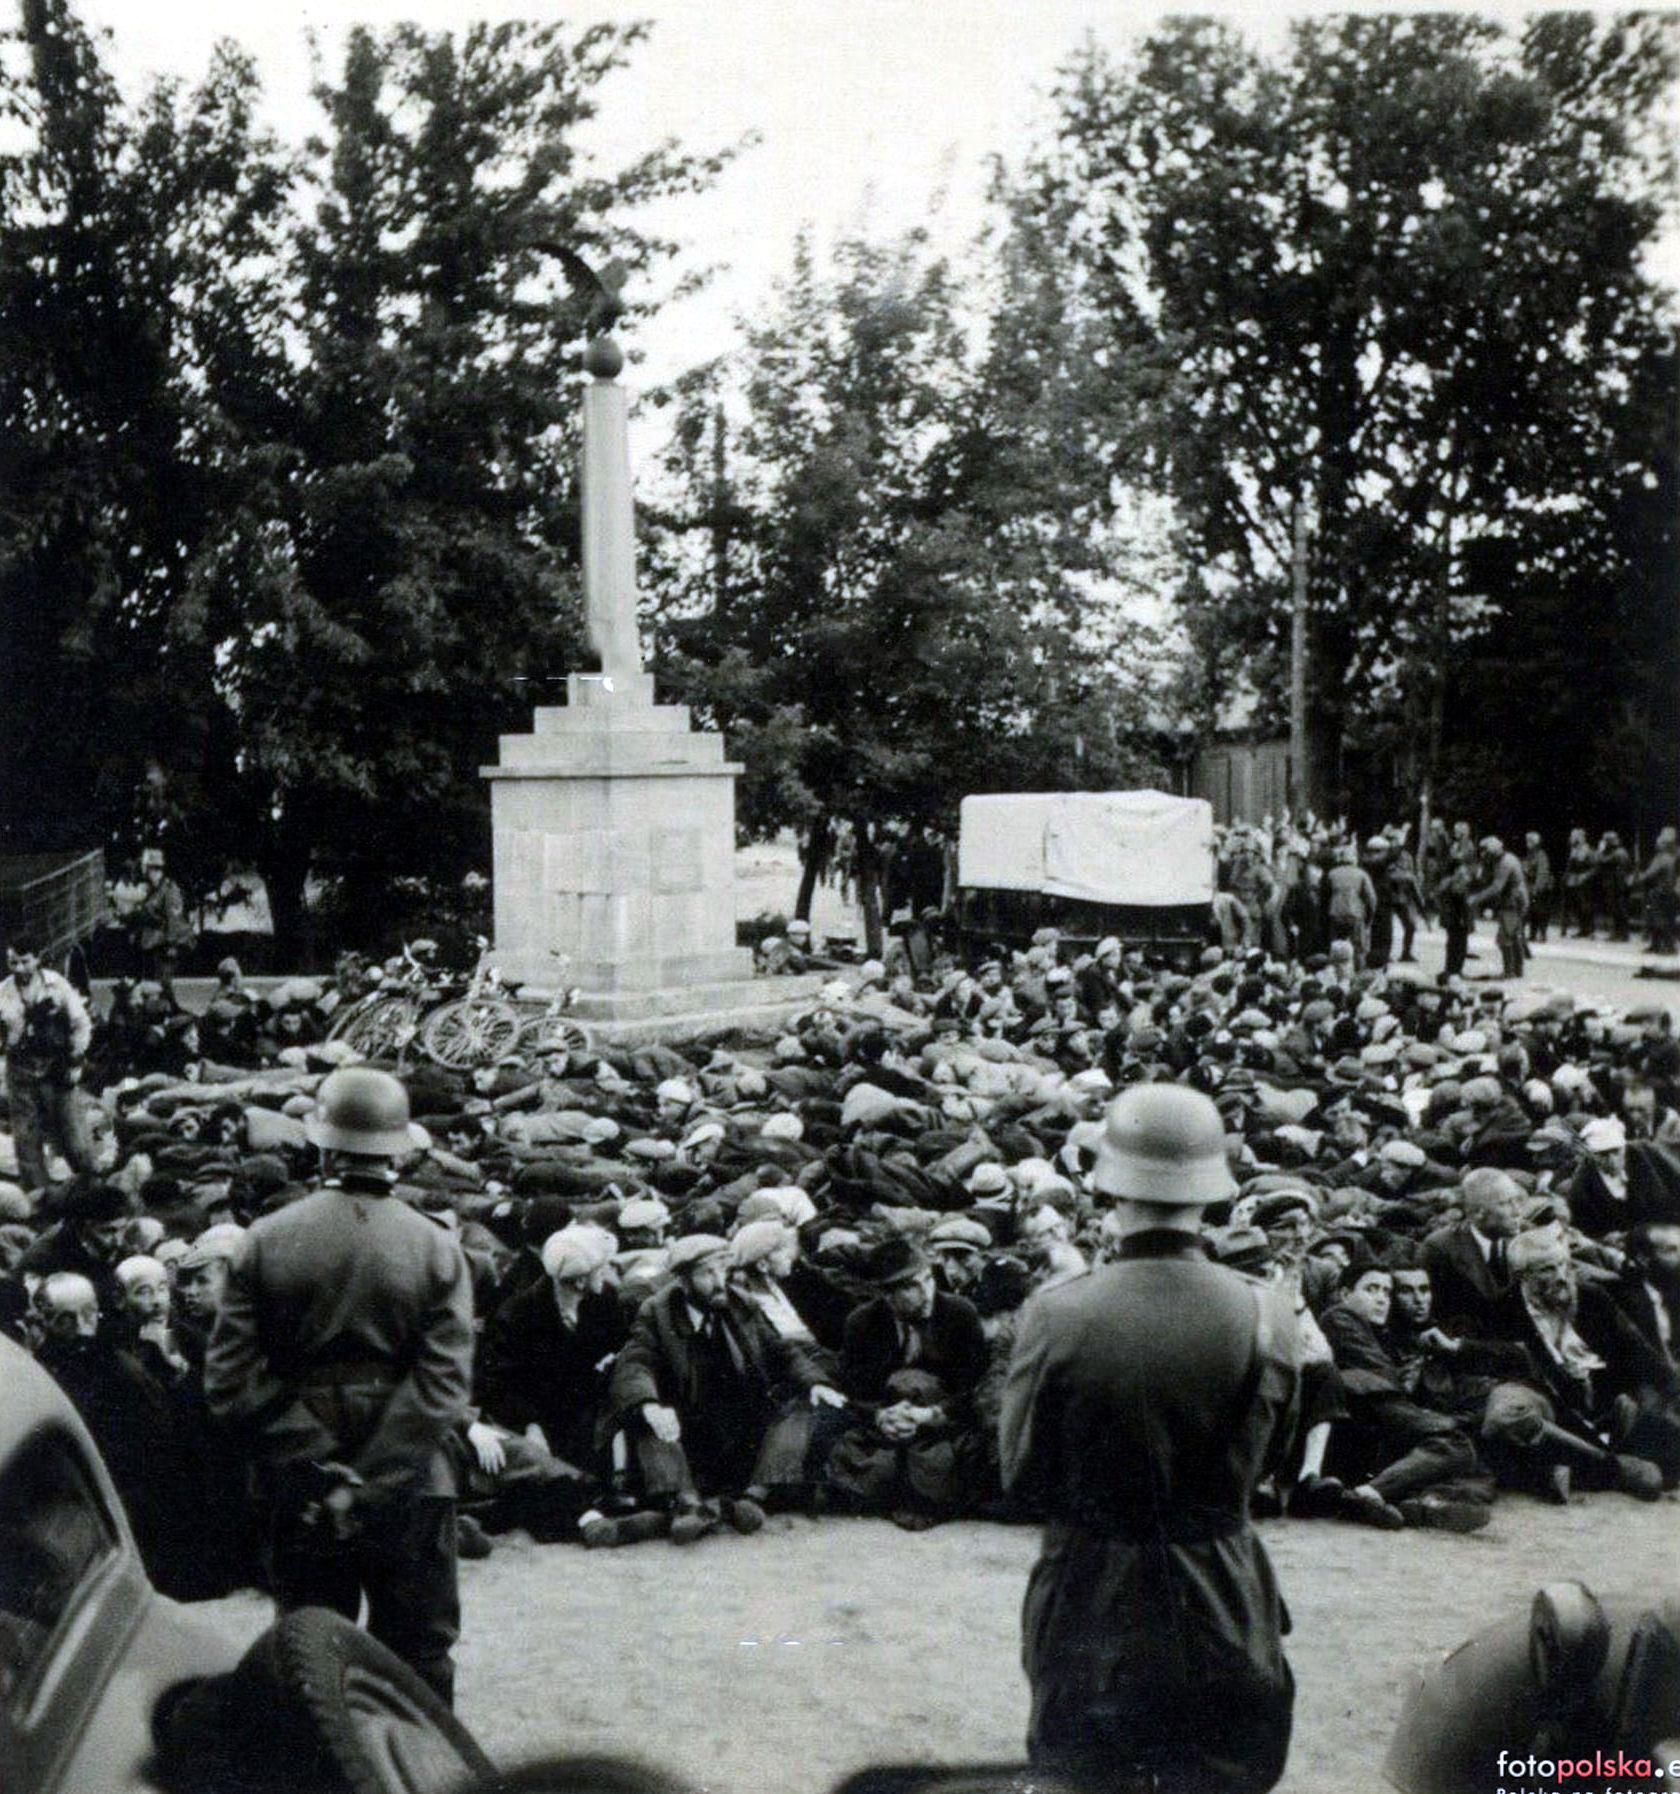 Hitlerowcy na Placu Narutowicza. Unikatowe, historyczne zdjęcie z Łukowa  - Zdjęcie główne